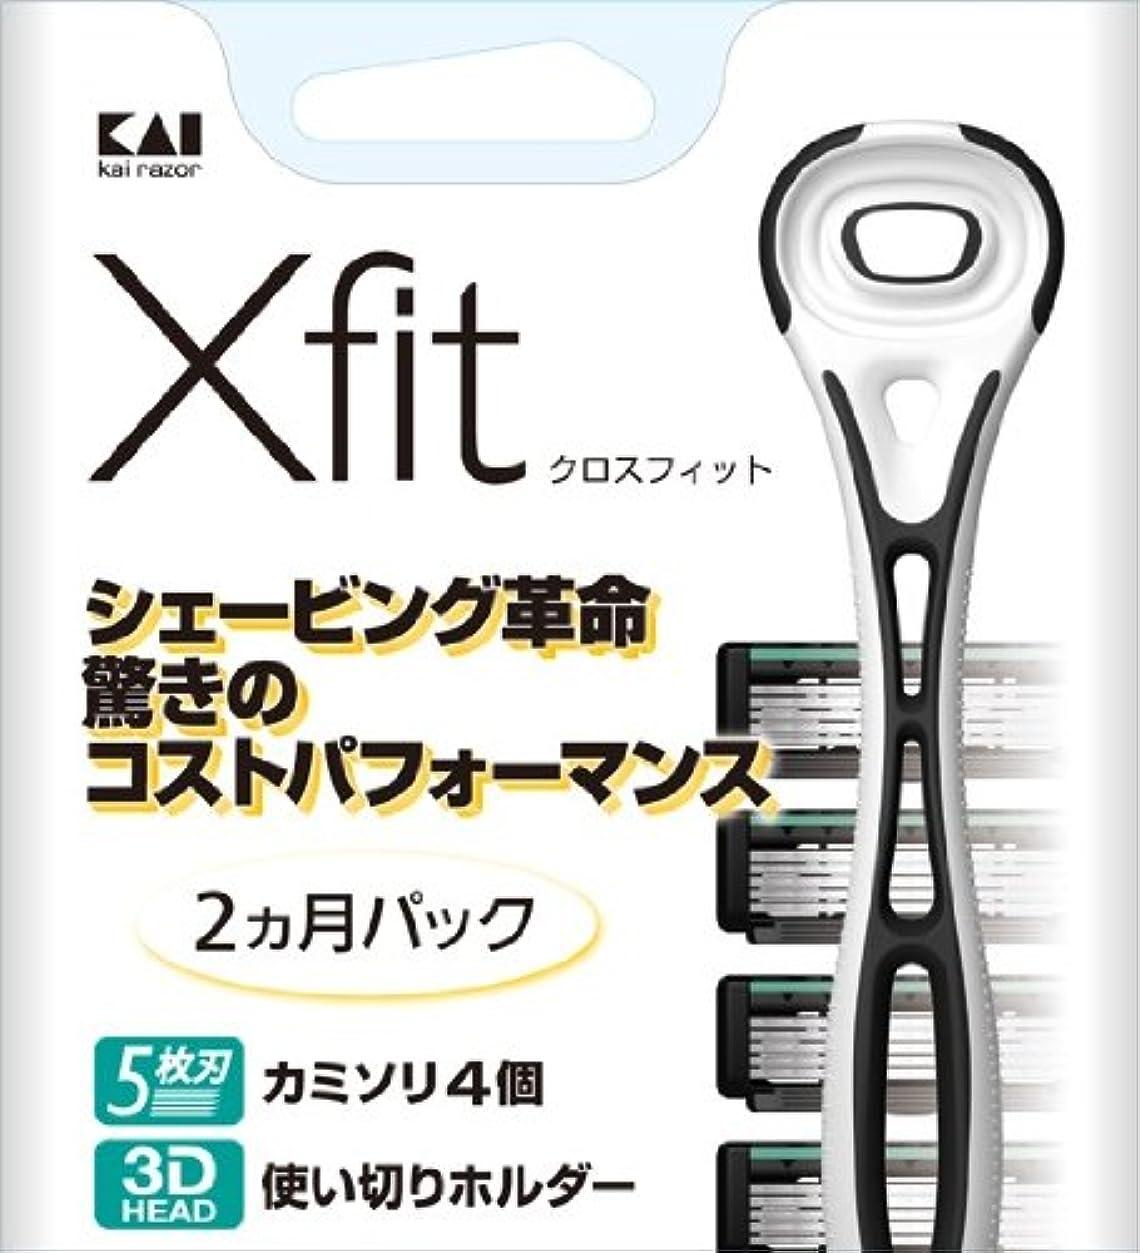 行分割排除するXfit(クロスフィット) 替刃4個入り